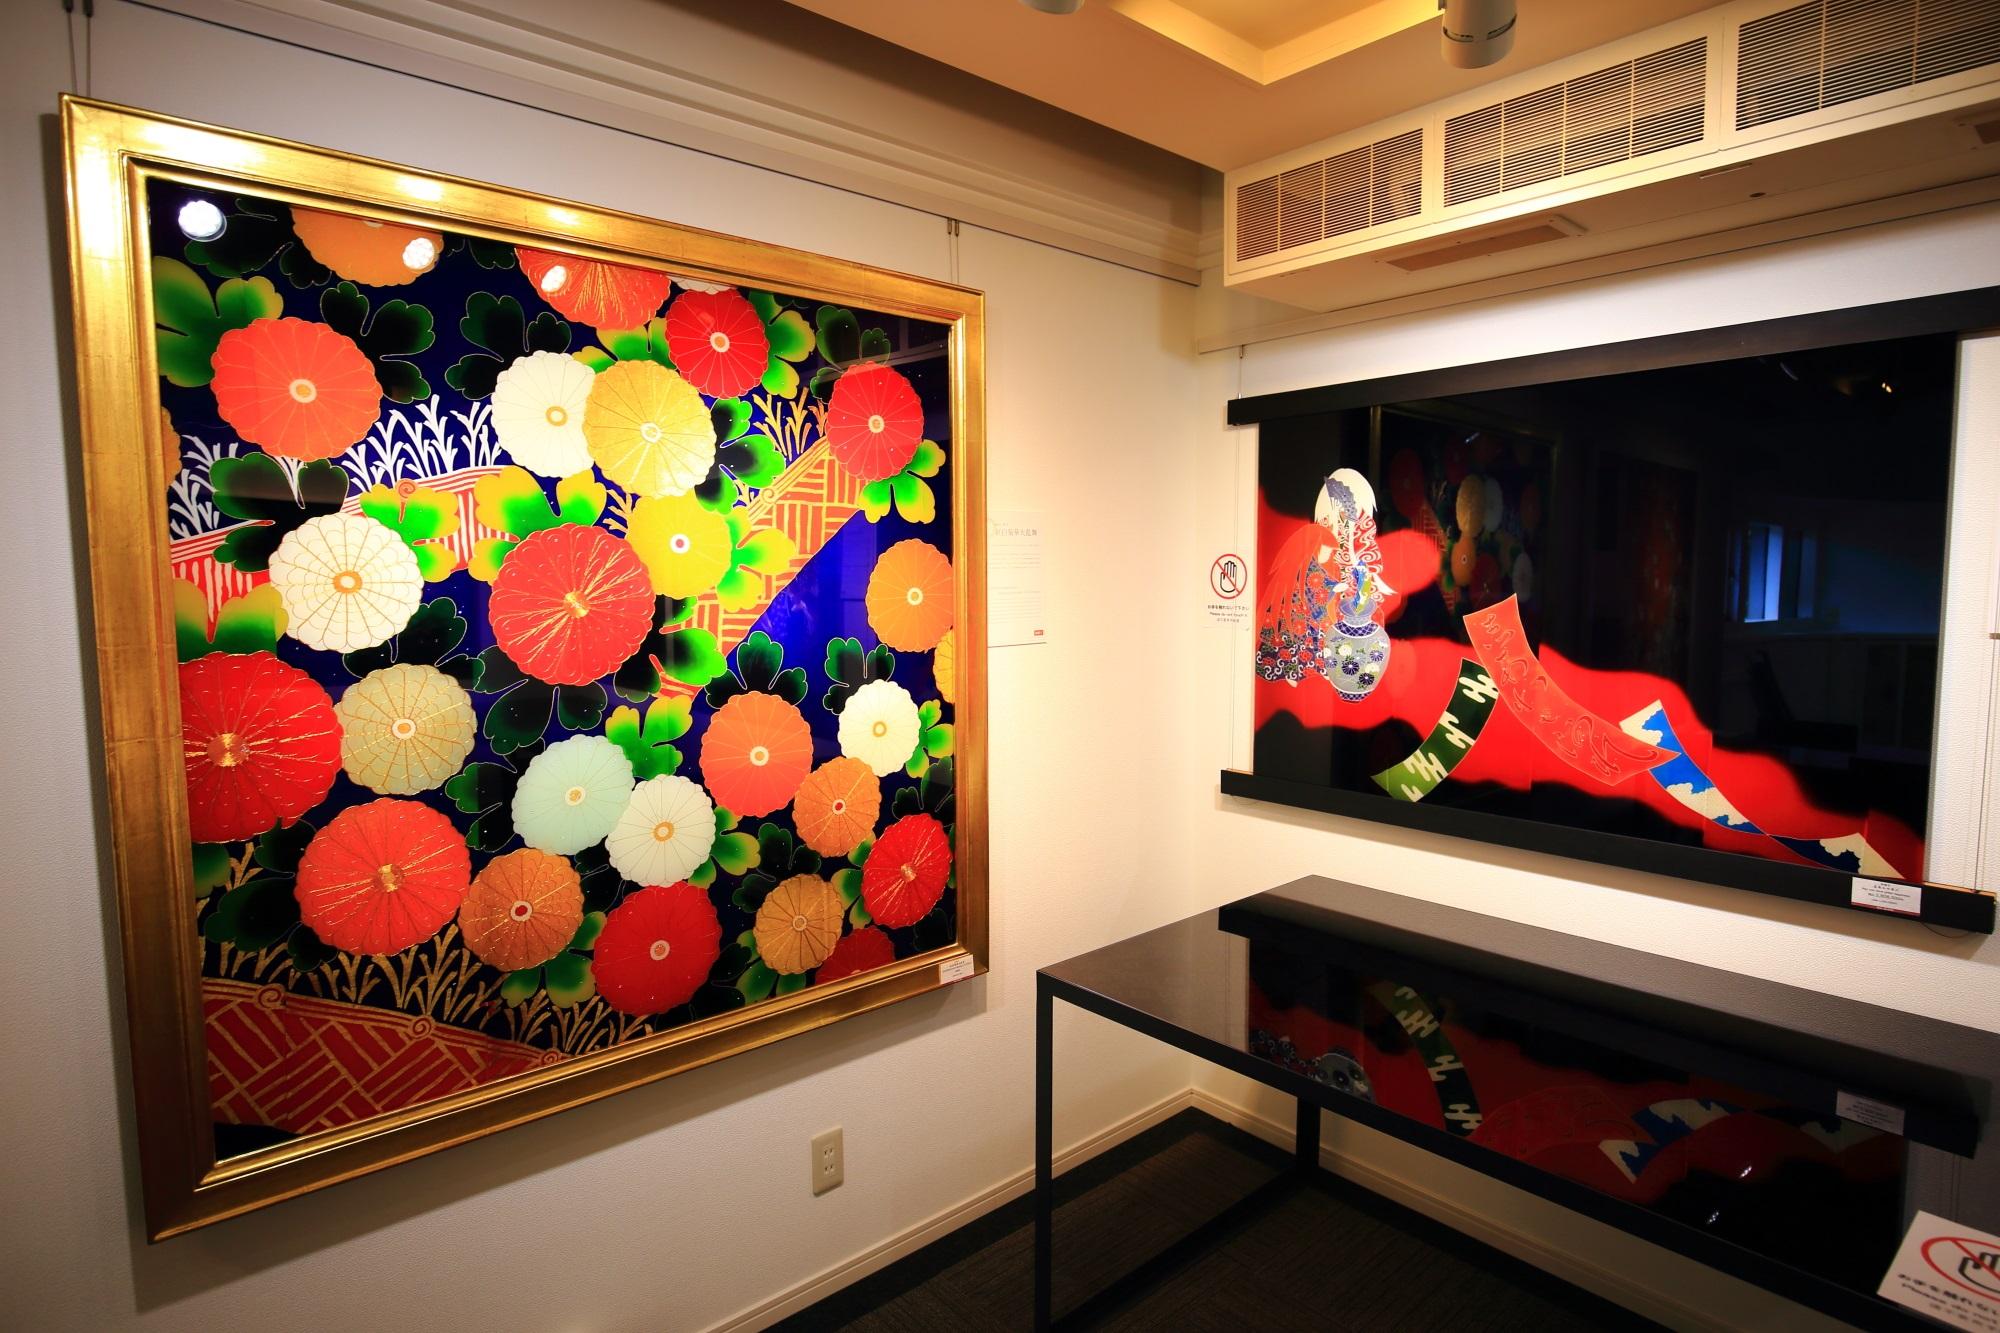 和柄 綺麗 ガラス 和硝子屋 祇園ギャラリー